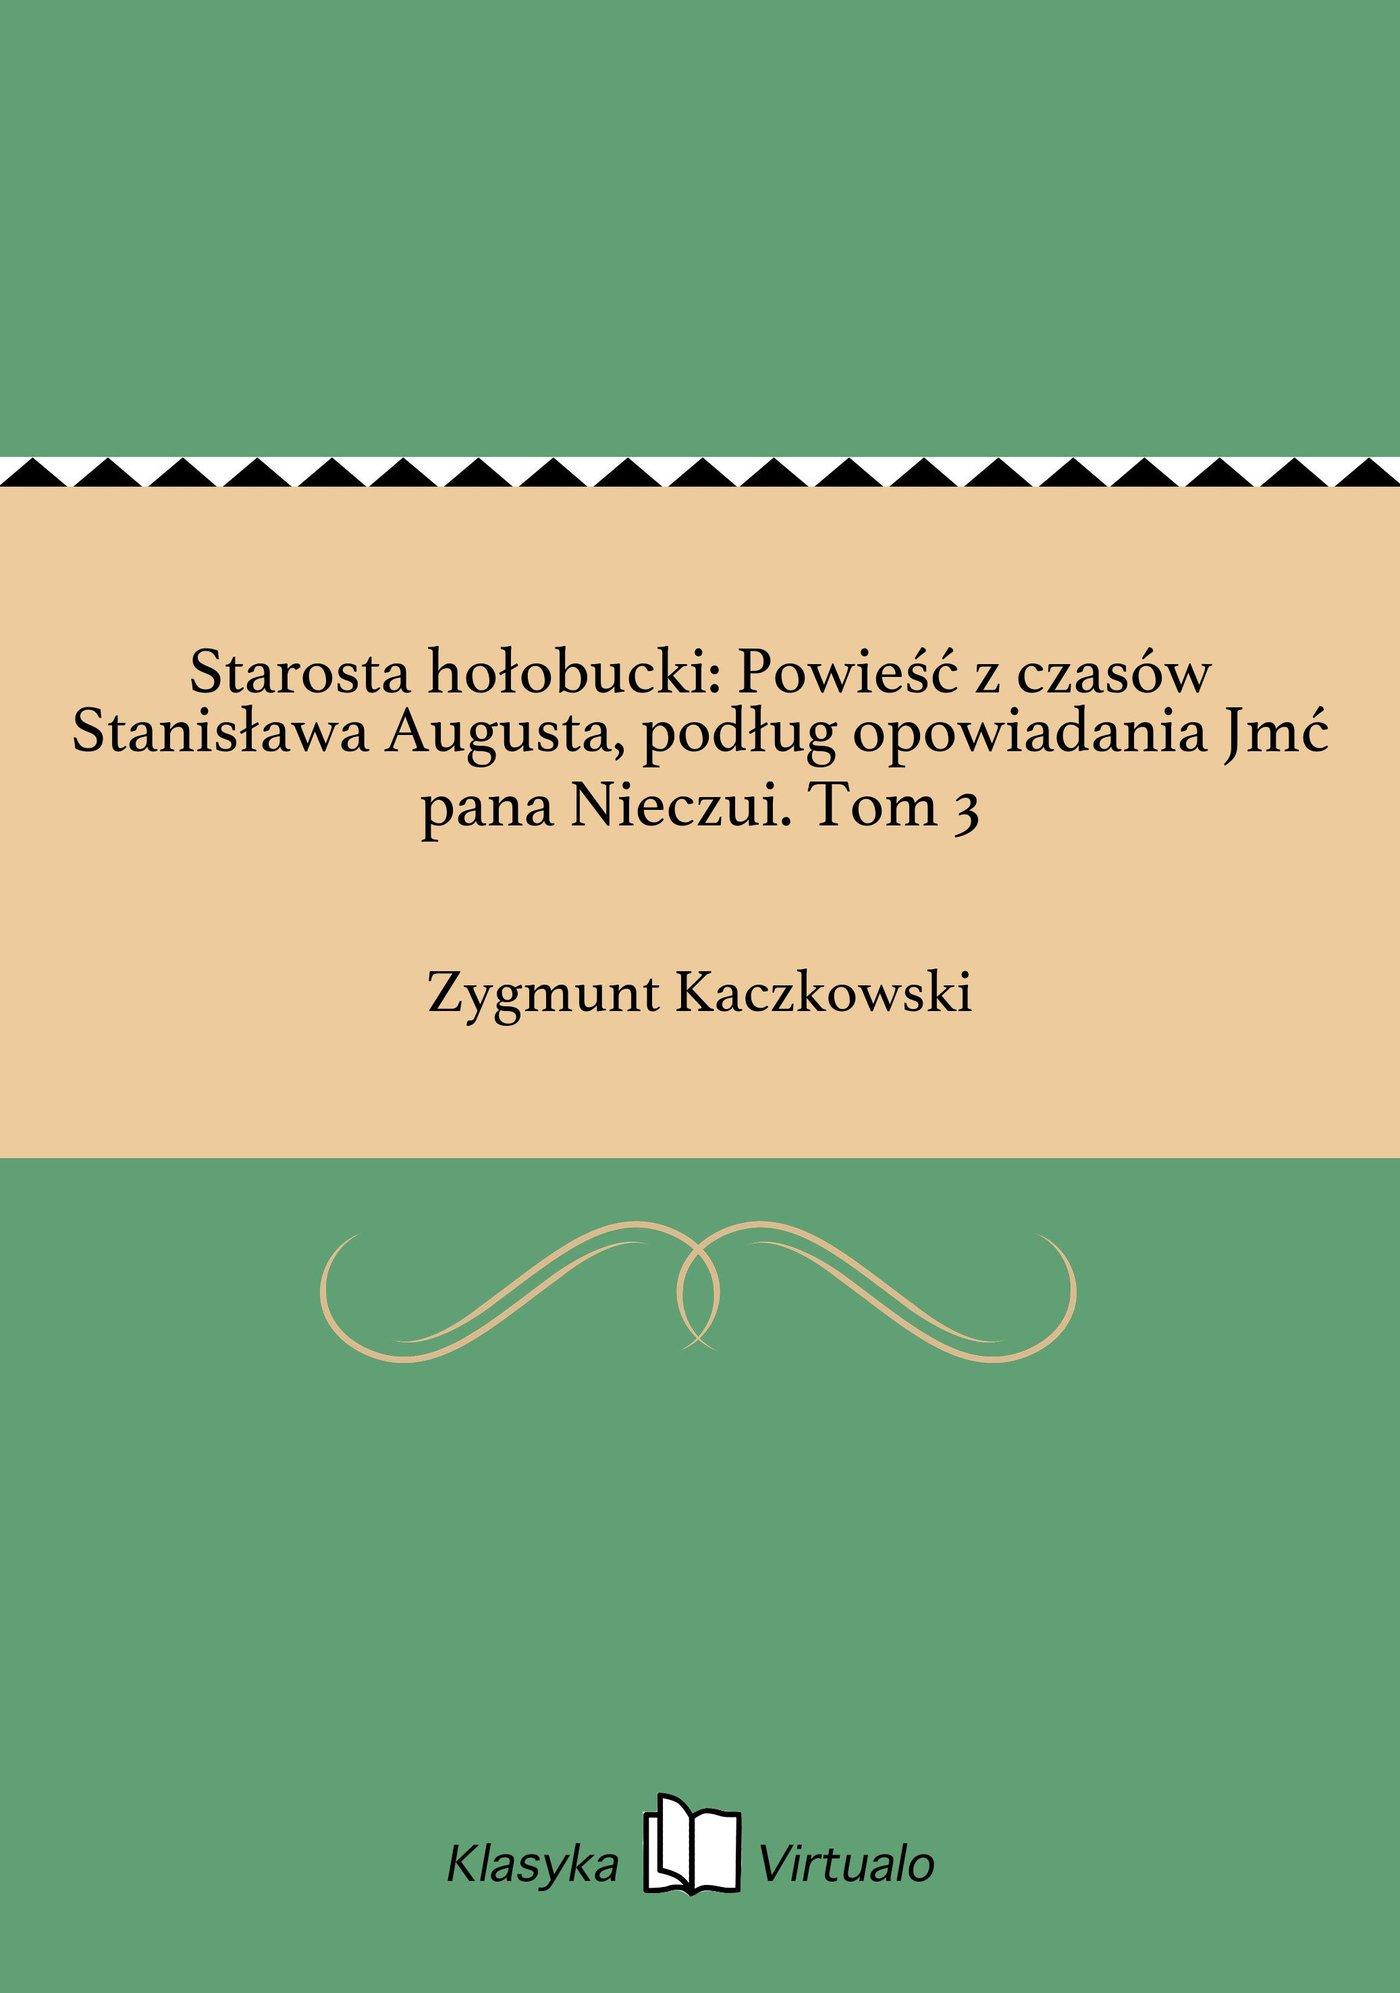 Starosta hołobucki: Powieść z czasów Stanisława Augusta, podług opowiadania Jmć pana Nieczui. Tom 3 - Ebook (Książka EPUB) do pobrania w formacie EPUB